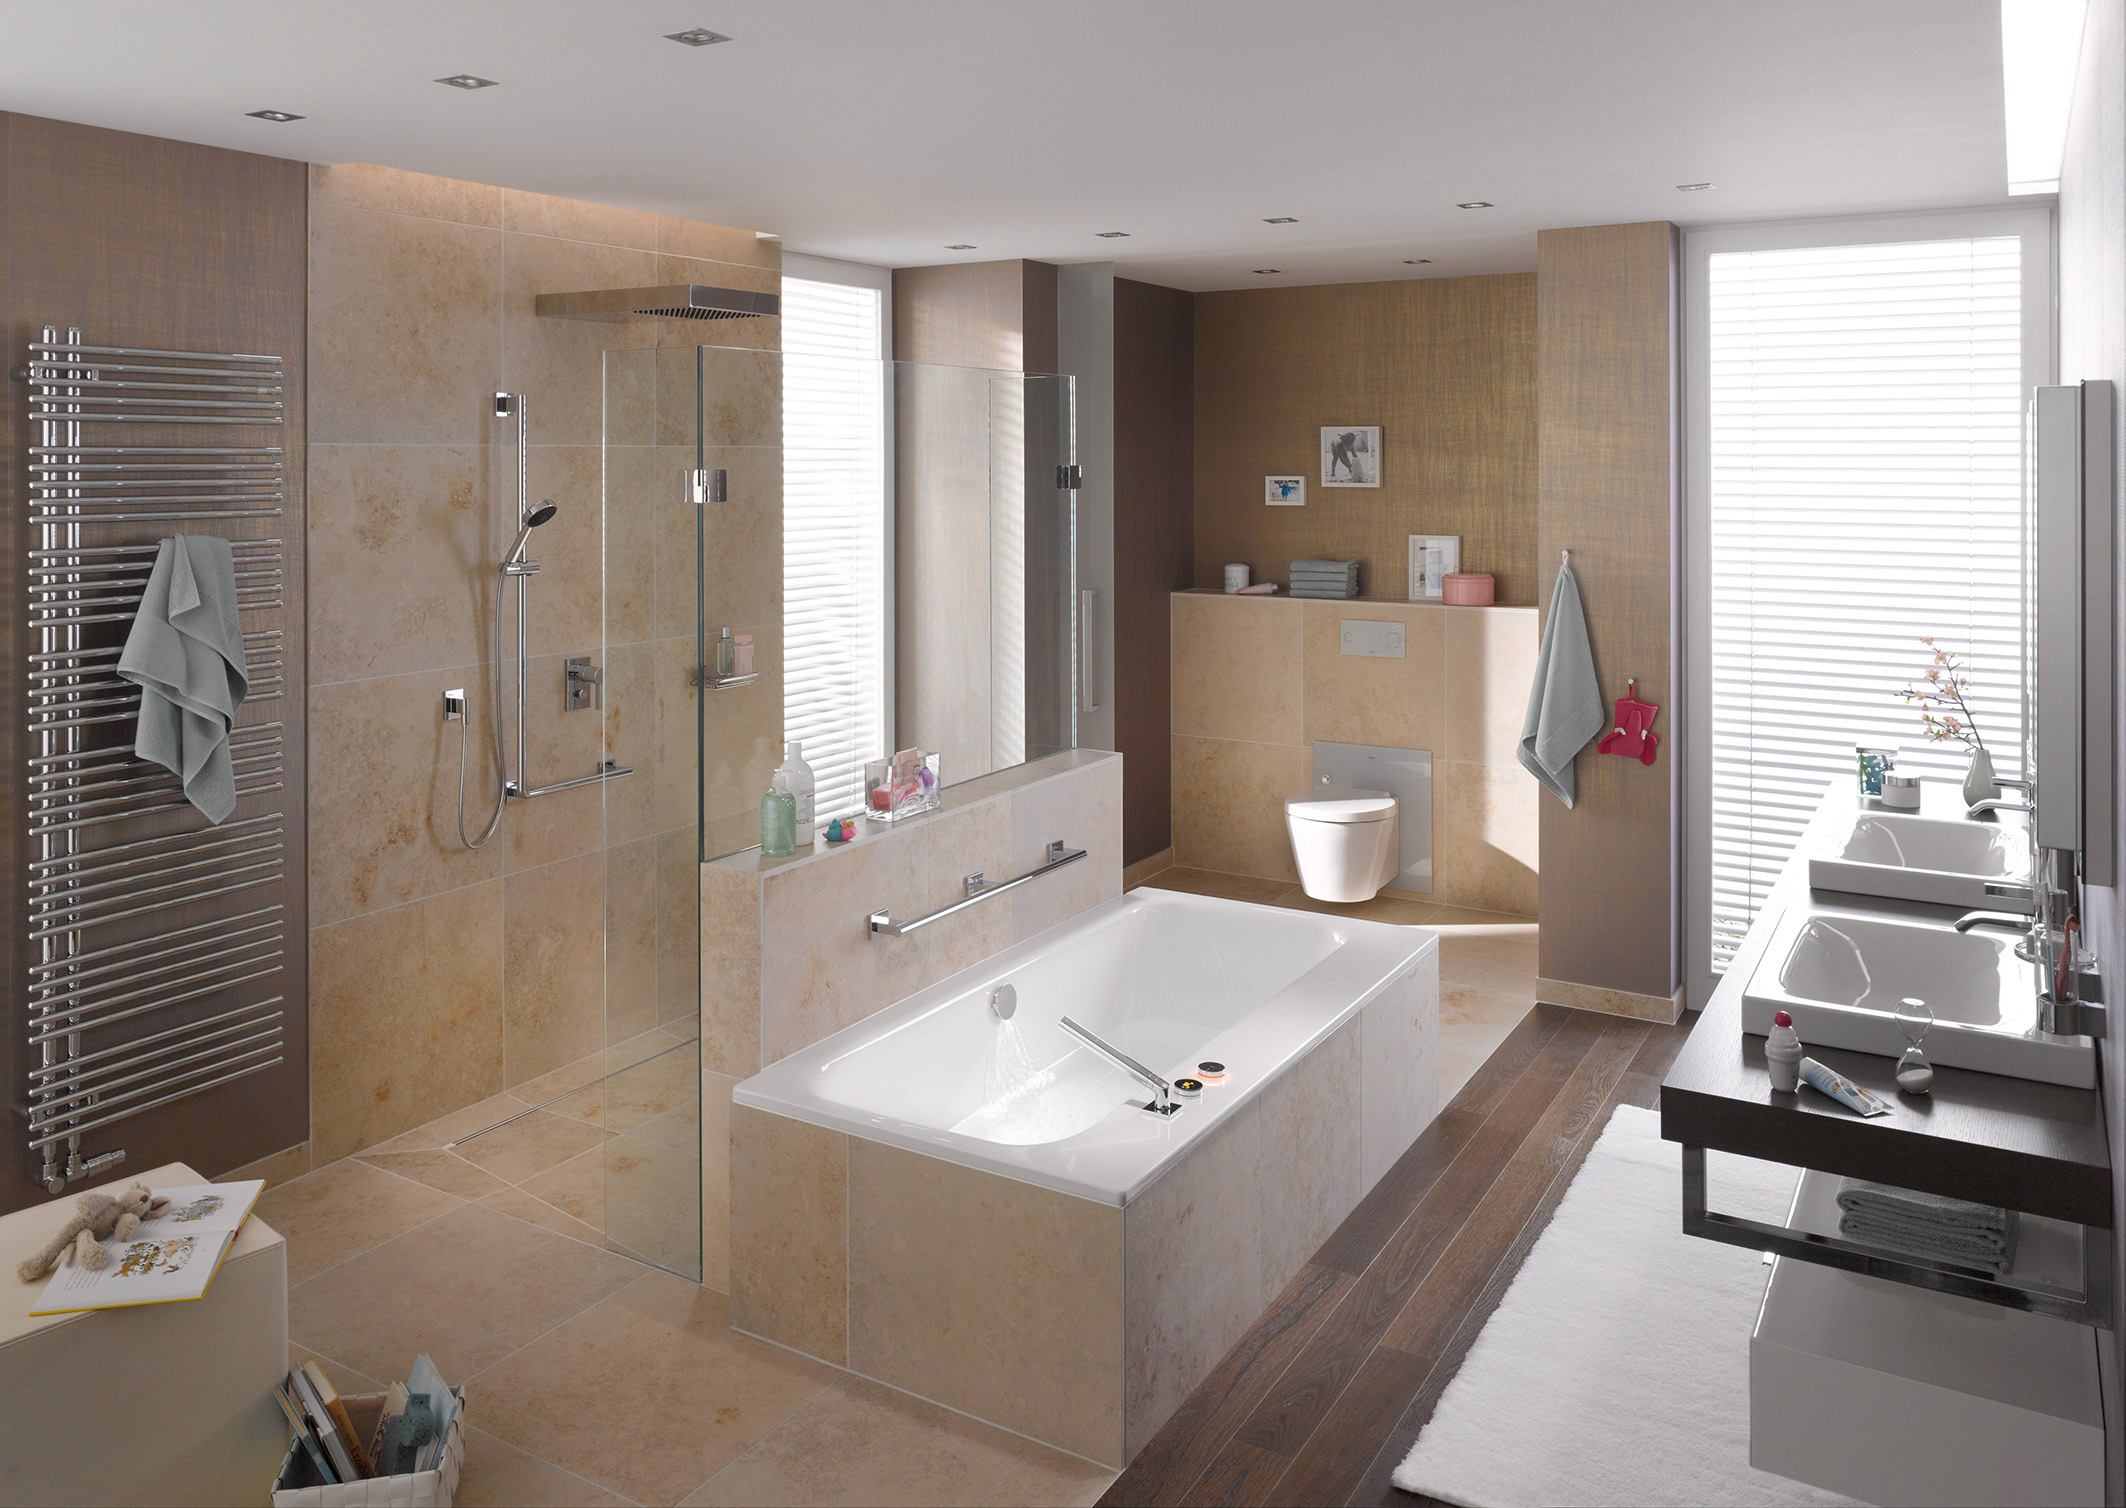 Een comfortabele badkamer voor jong en oud met viega nieuws startpagina voor badkamer idee n - Deco kleine badkamer met bad ...